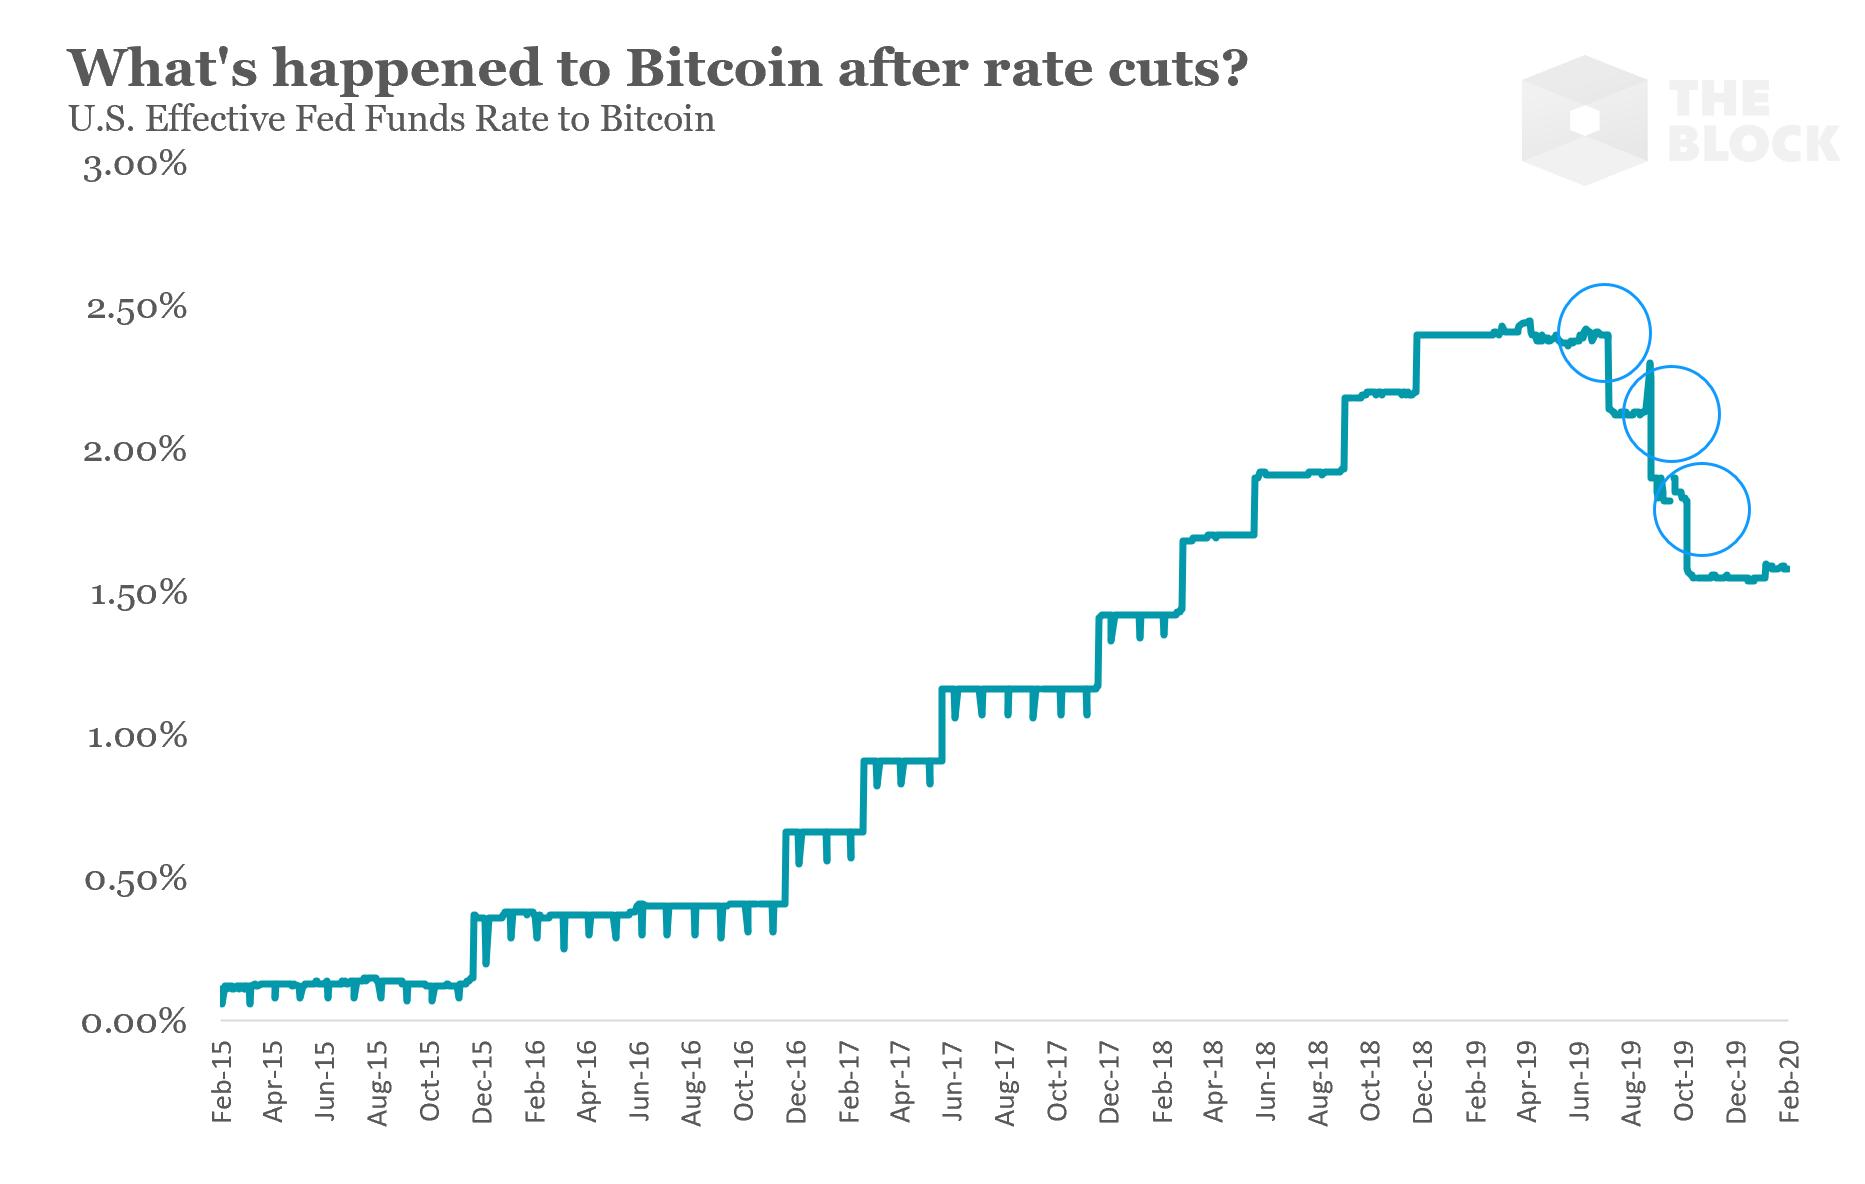 ผลวิจัยพบ ช่วงเฟด (Fed) ลดอัตราดอกเบี้ยนโยบาย Bitcoin มิใช่สินทรัพย์ปลอดภัย (Safe Haven)